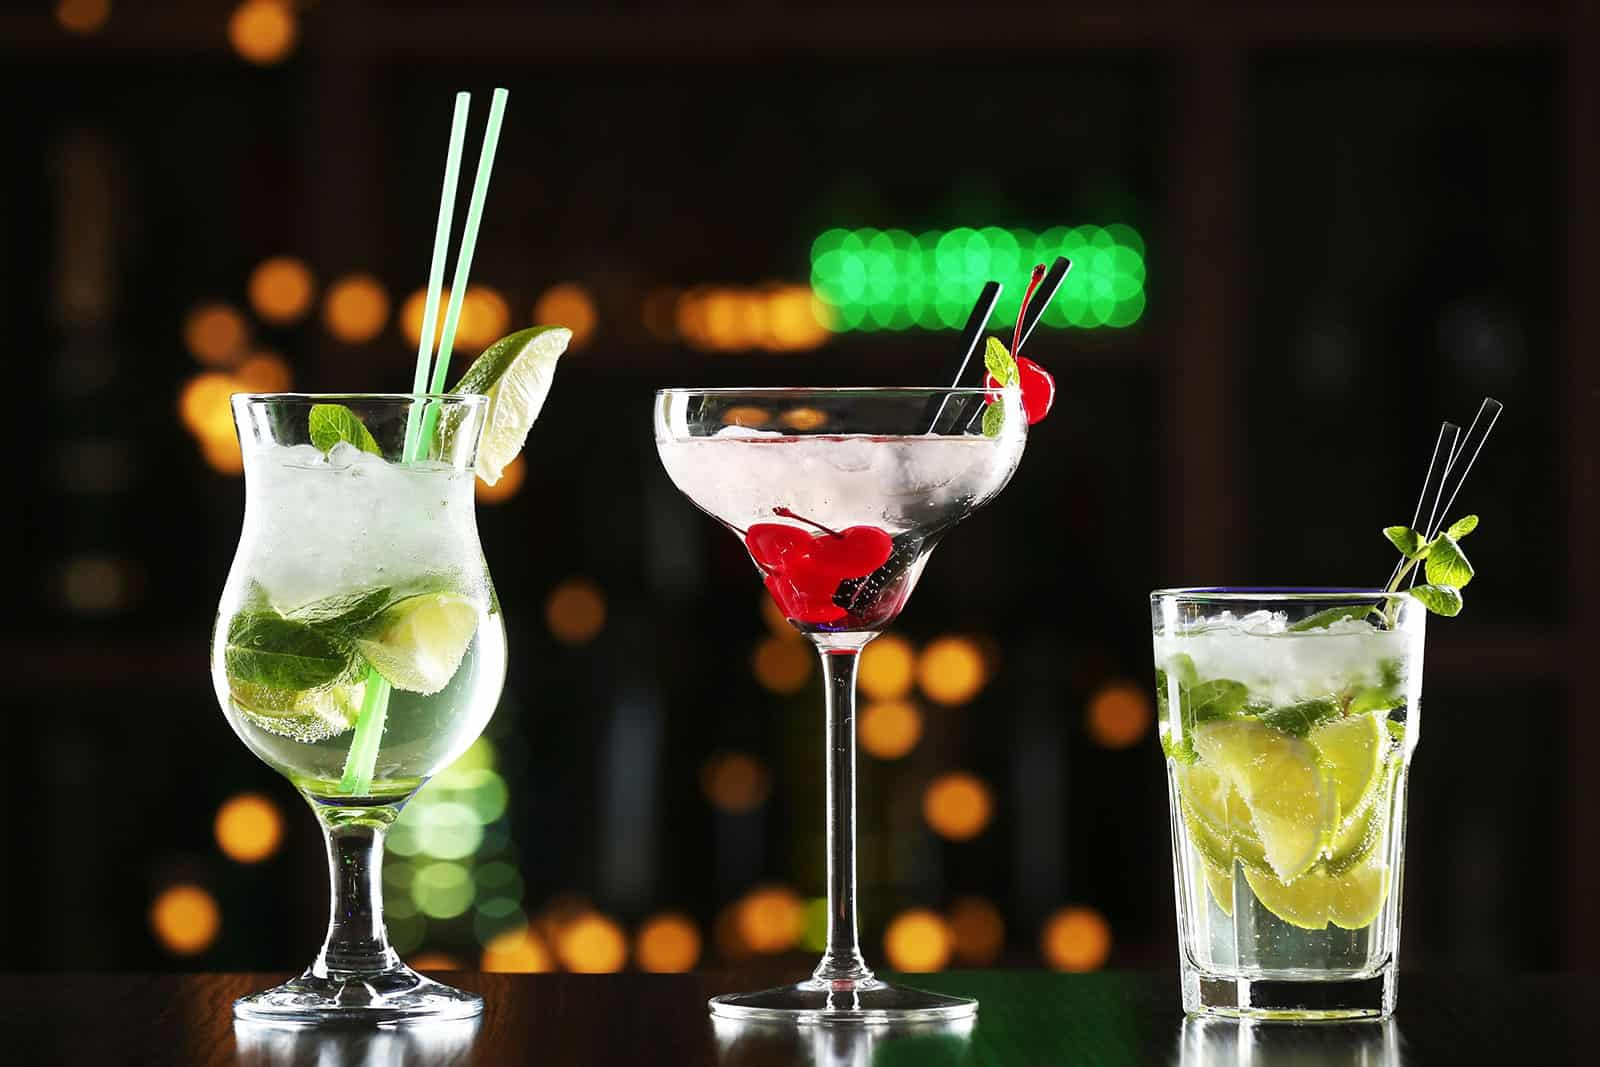 Коктейль эспрессо мартини - рецепт и история знеменитого коктейля